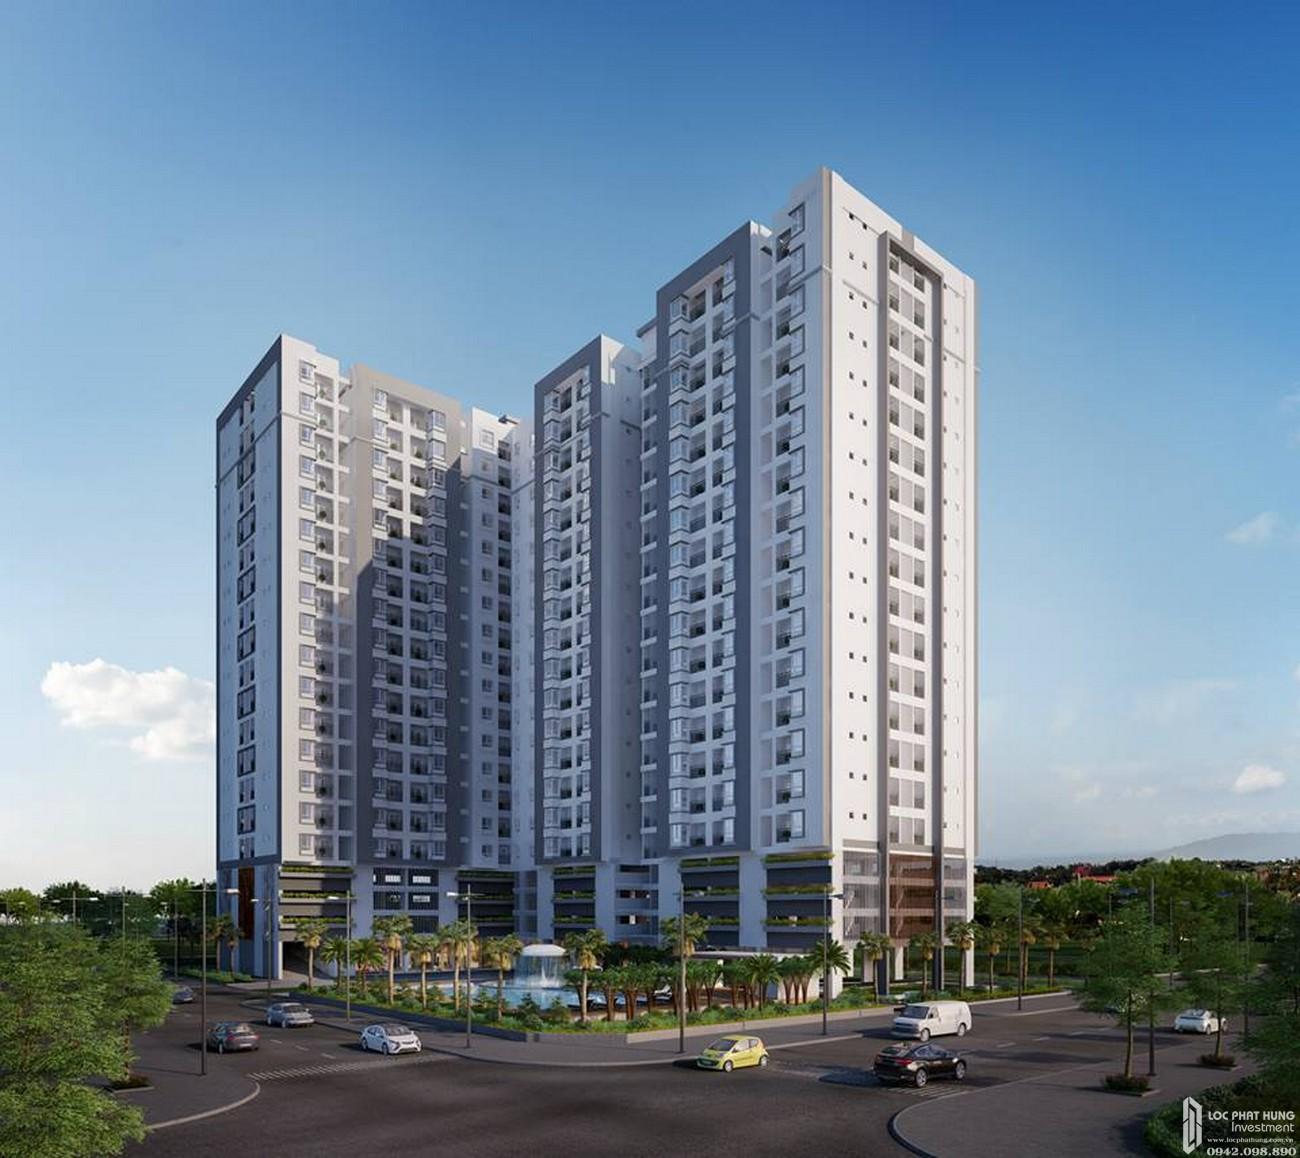 Phối cảnh dự án căn hộ Him Lam Phú Đông tỉnh Bình Dương